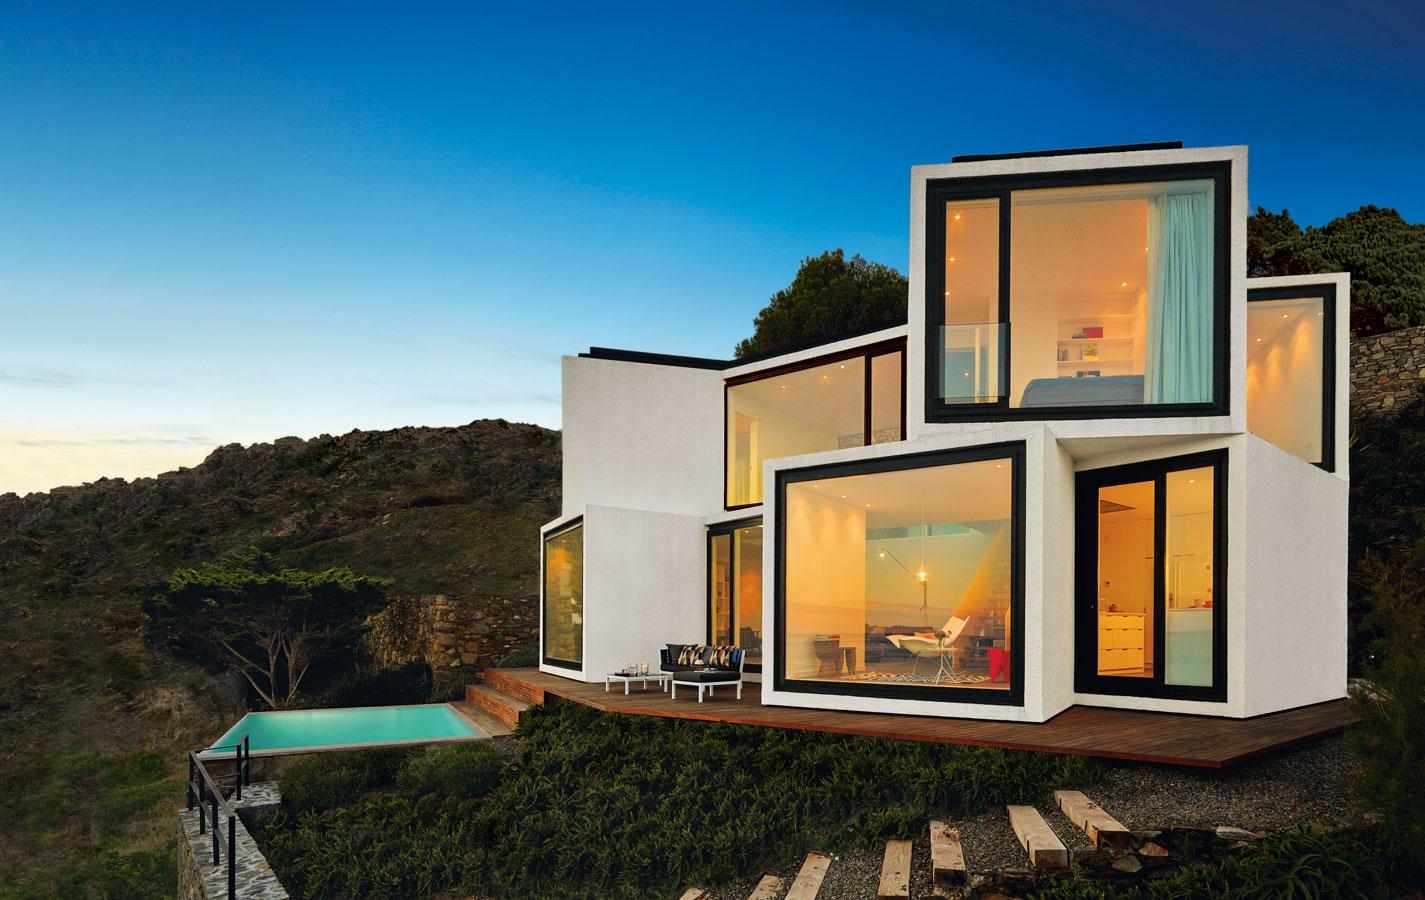 10 dise os de casas de arquitectura de formas geom tricas for Arquitectura y diseno de casas modernas